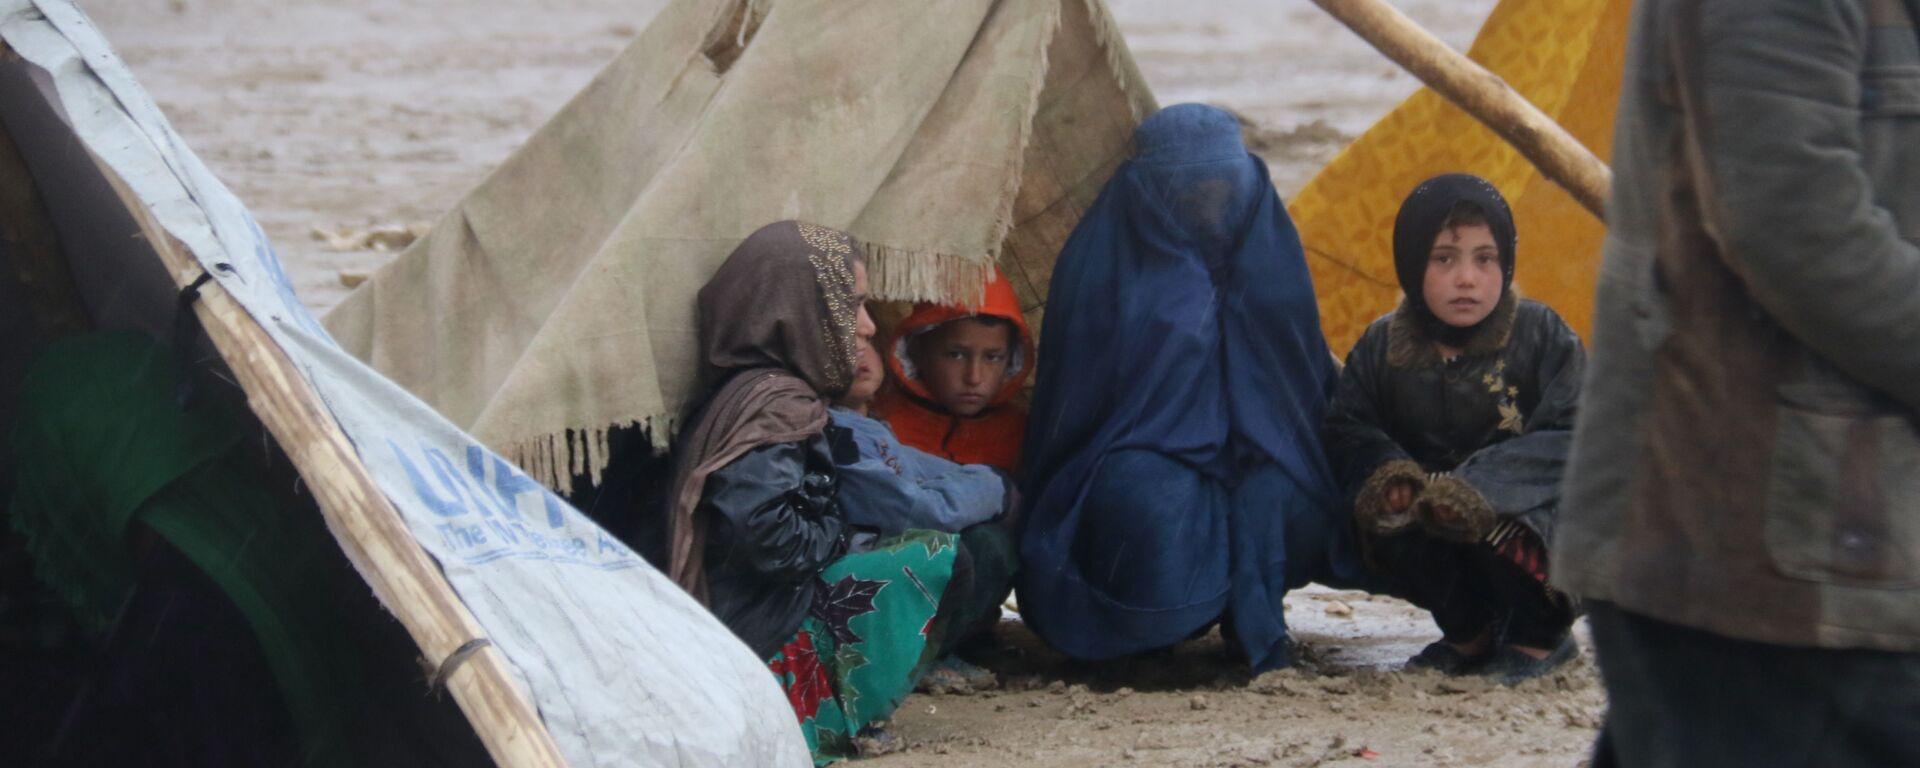 Уровень бедности в Афганистане составляет в среднем 35,8% - Sputnik Таджикистан, 1920, 07.09.2021